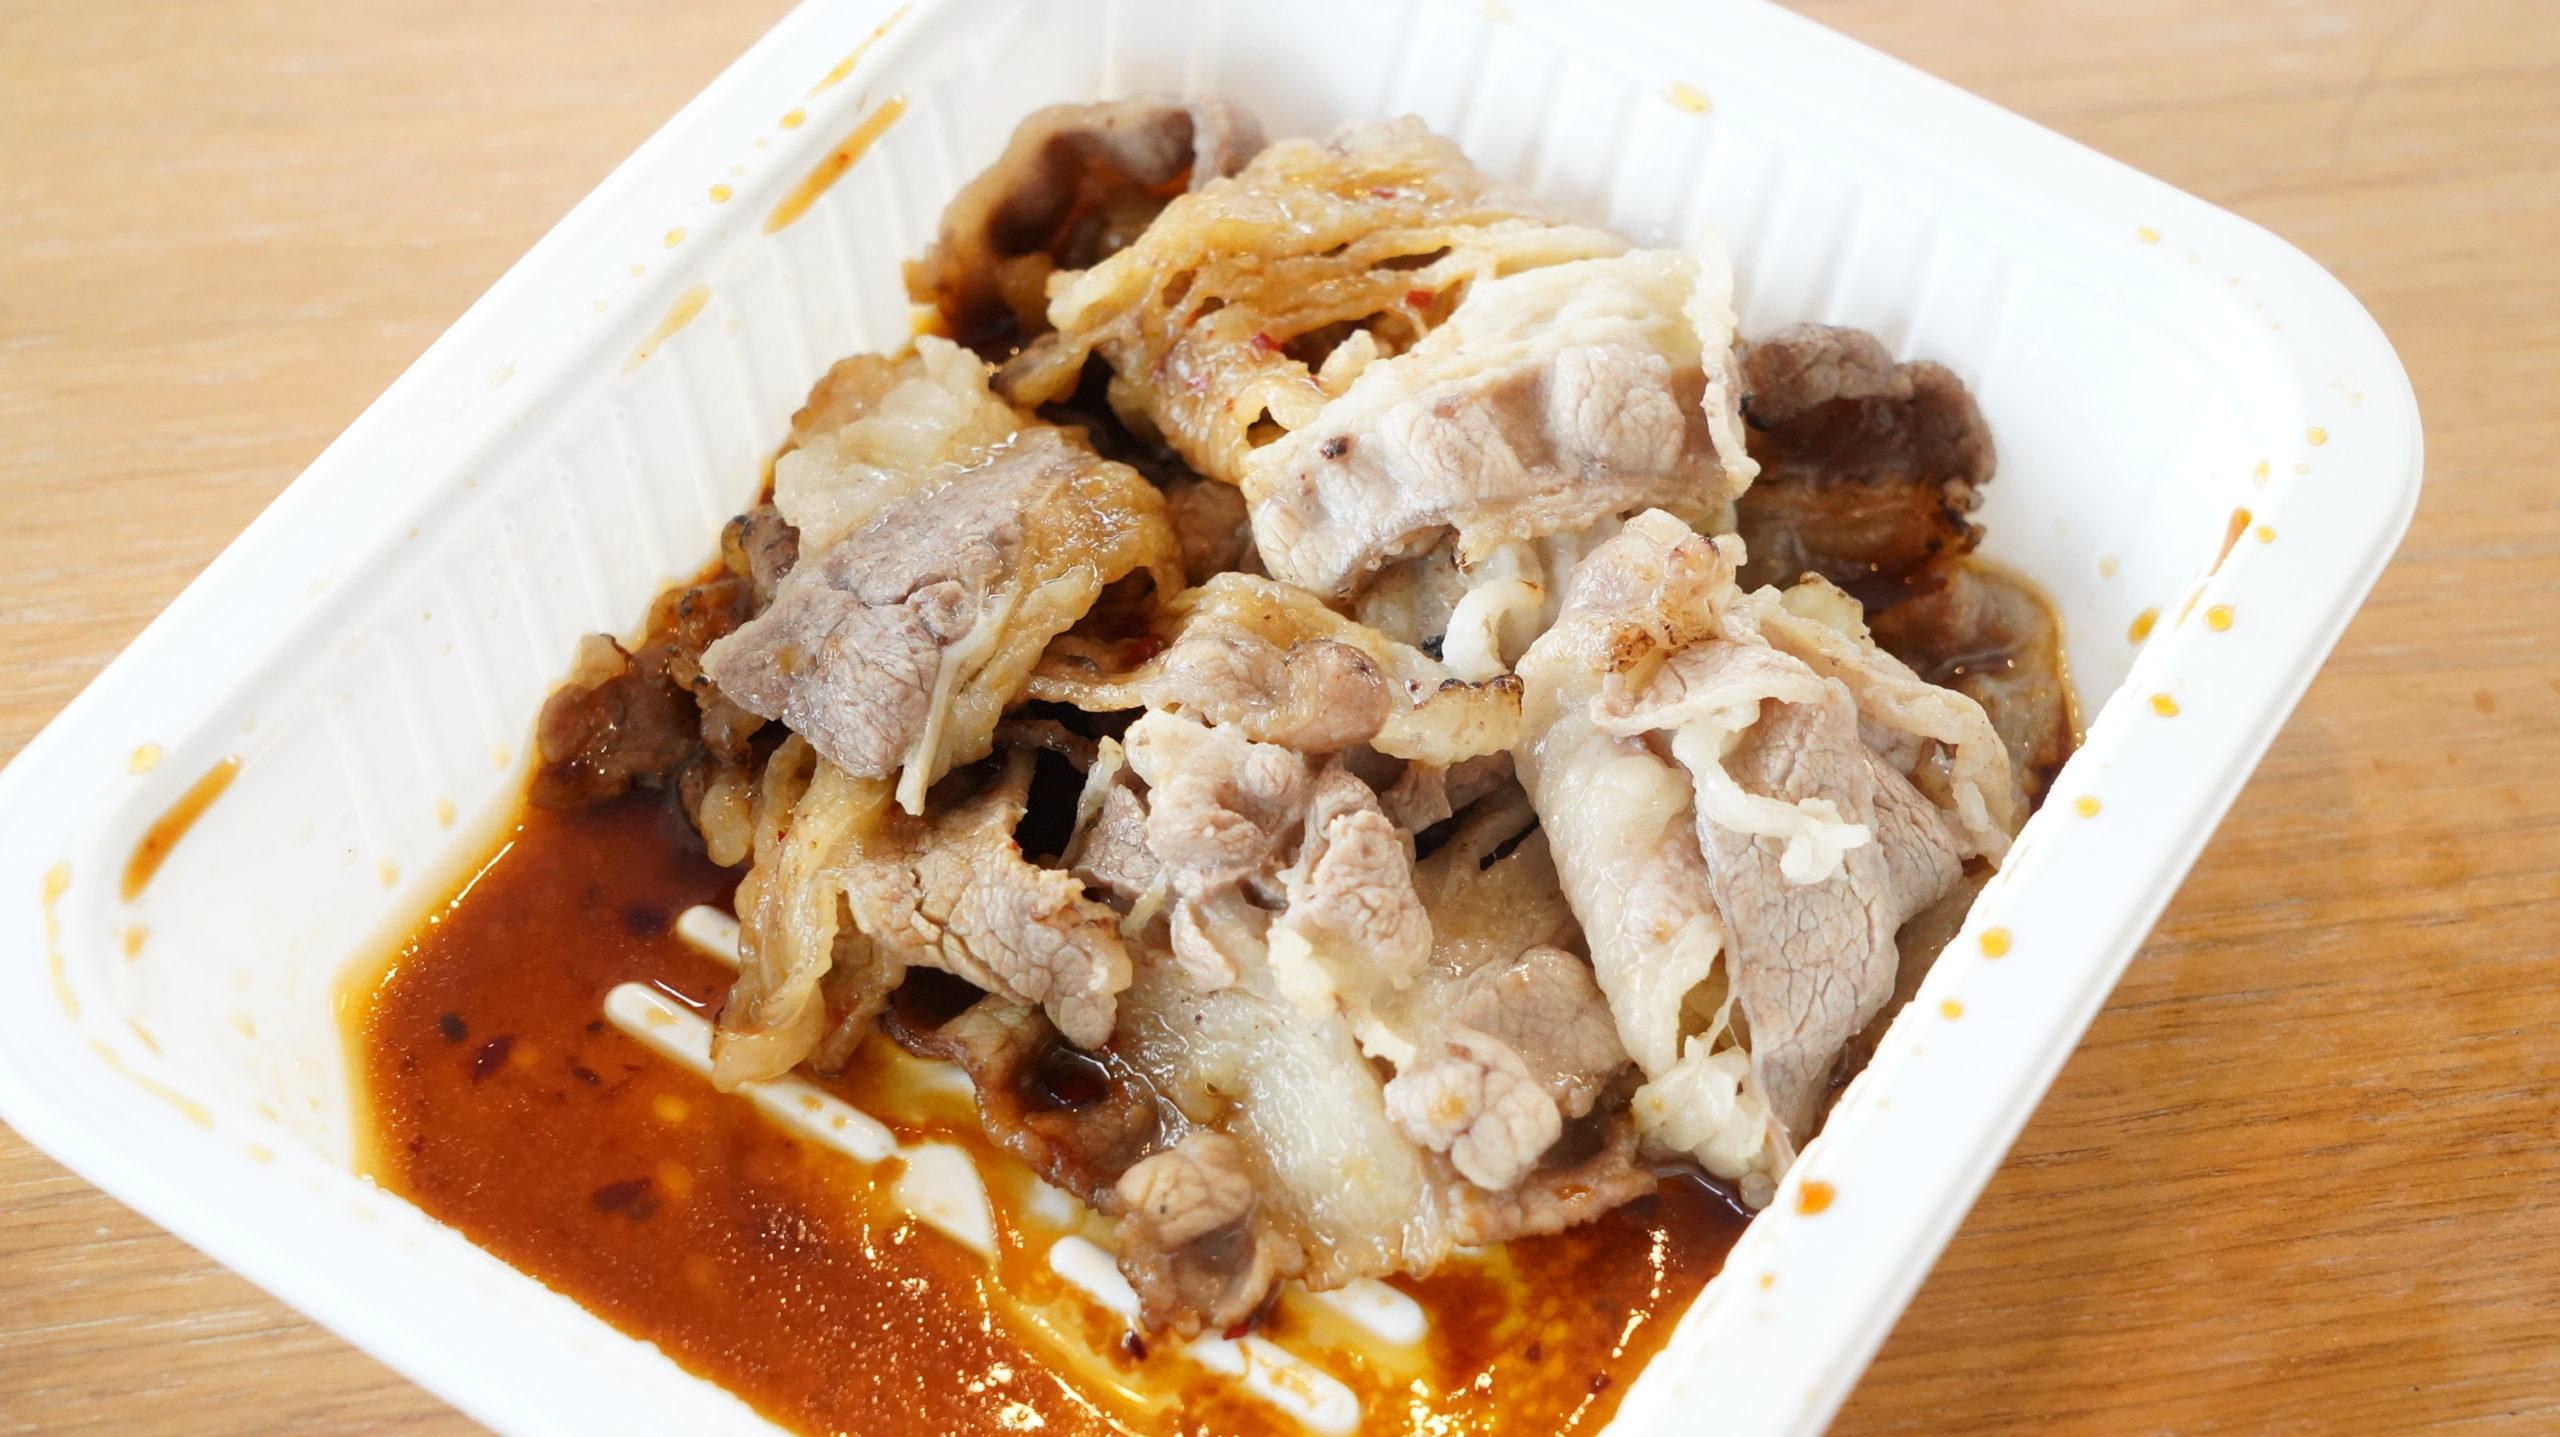 セブンイレブンのおすすめ冷凍食品「牛カルビ焼」の中身の写真